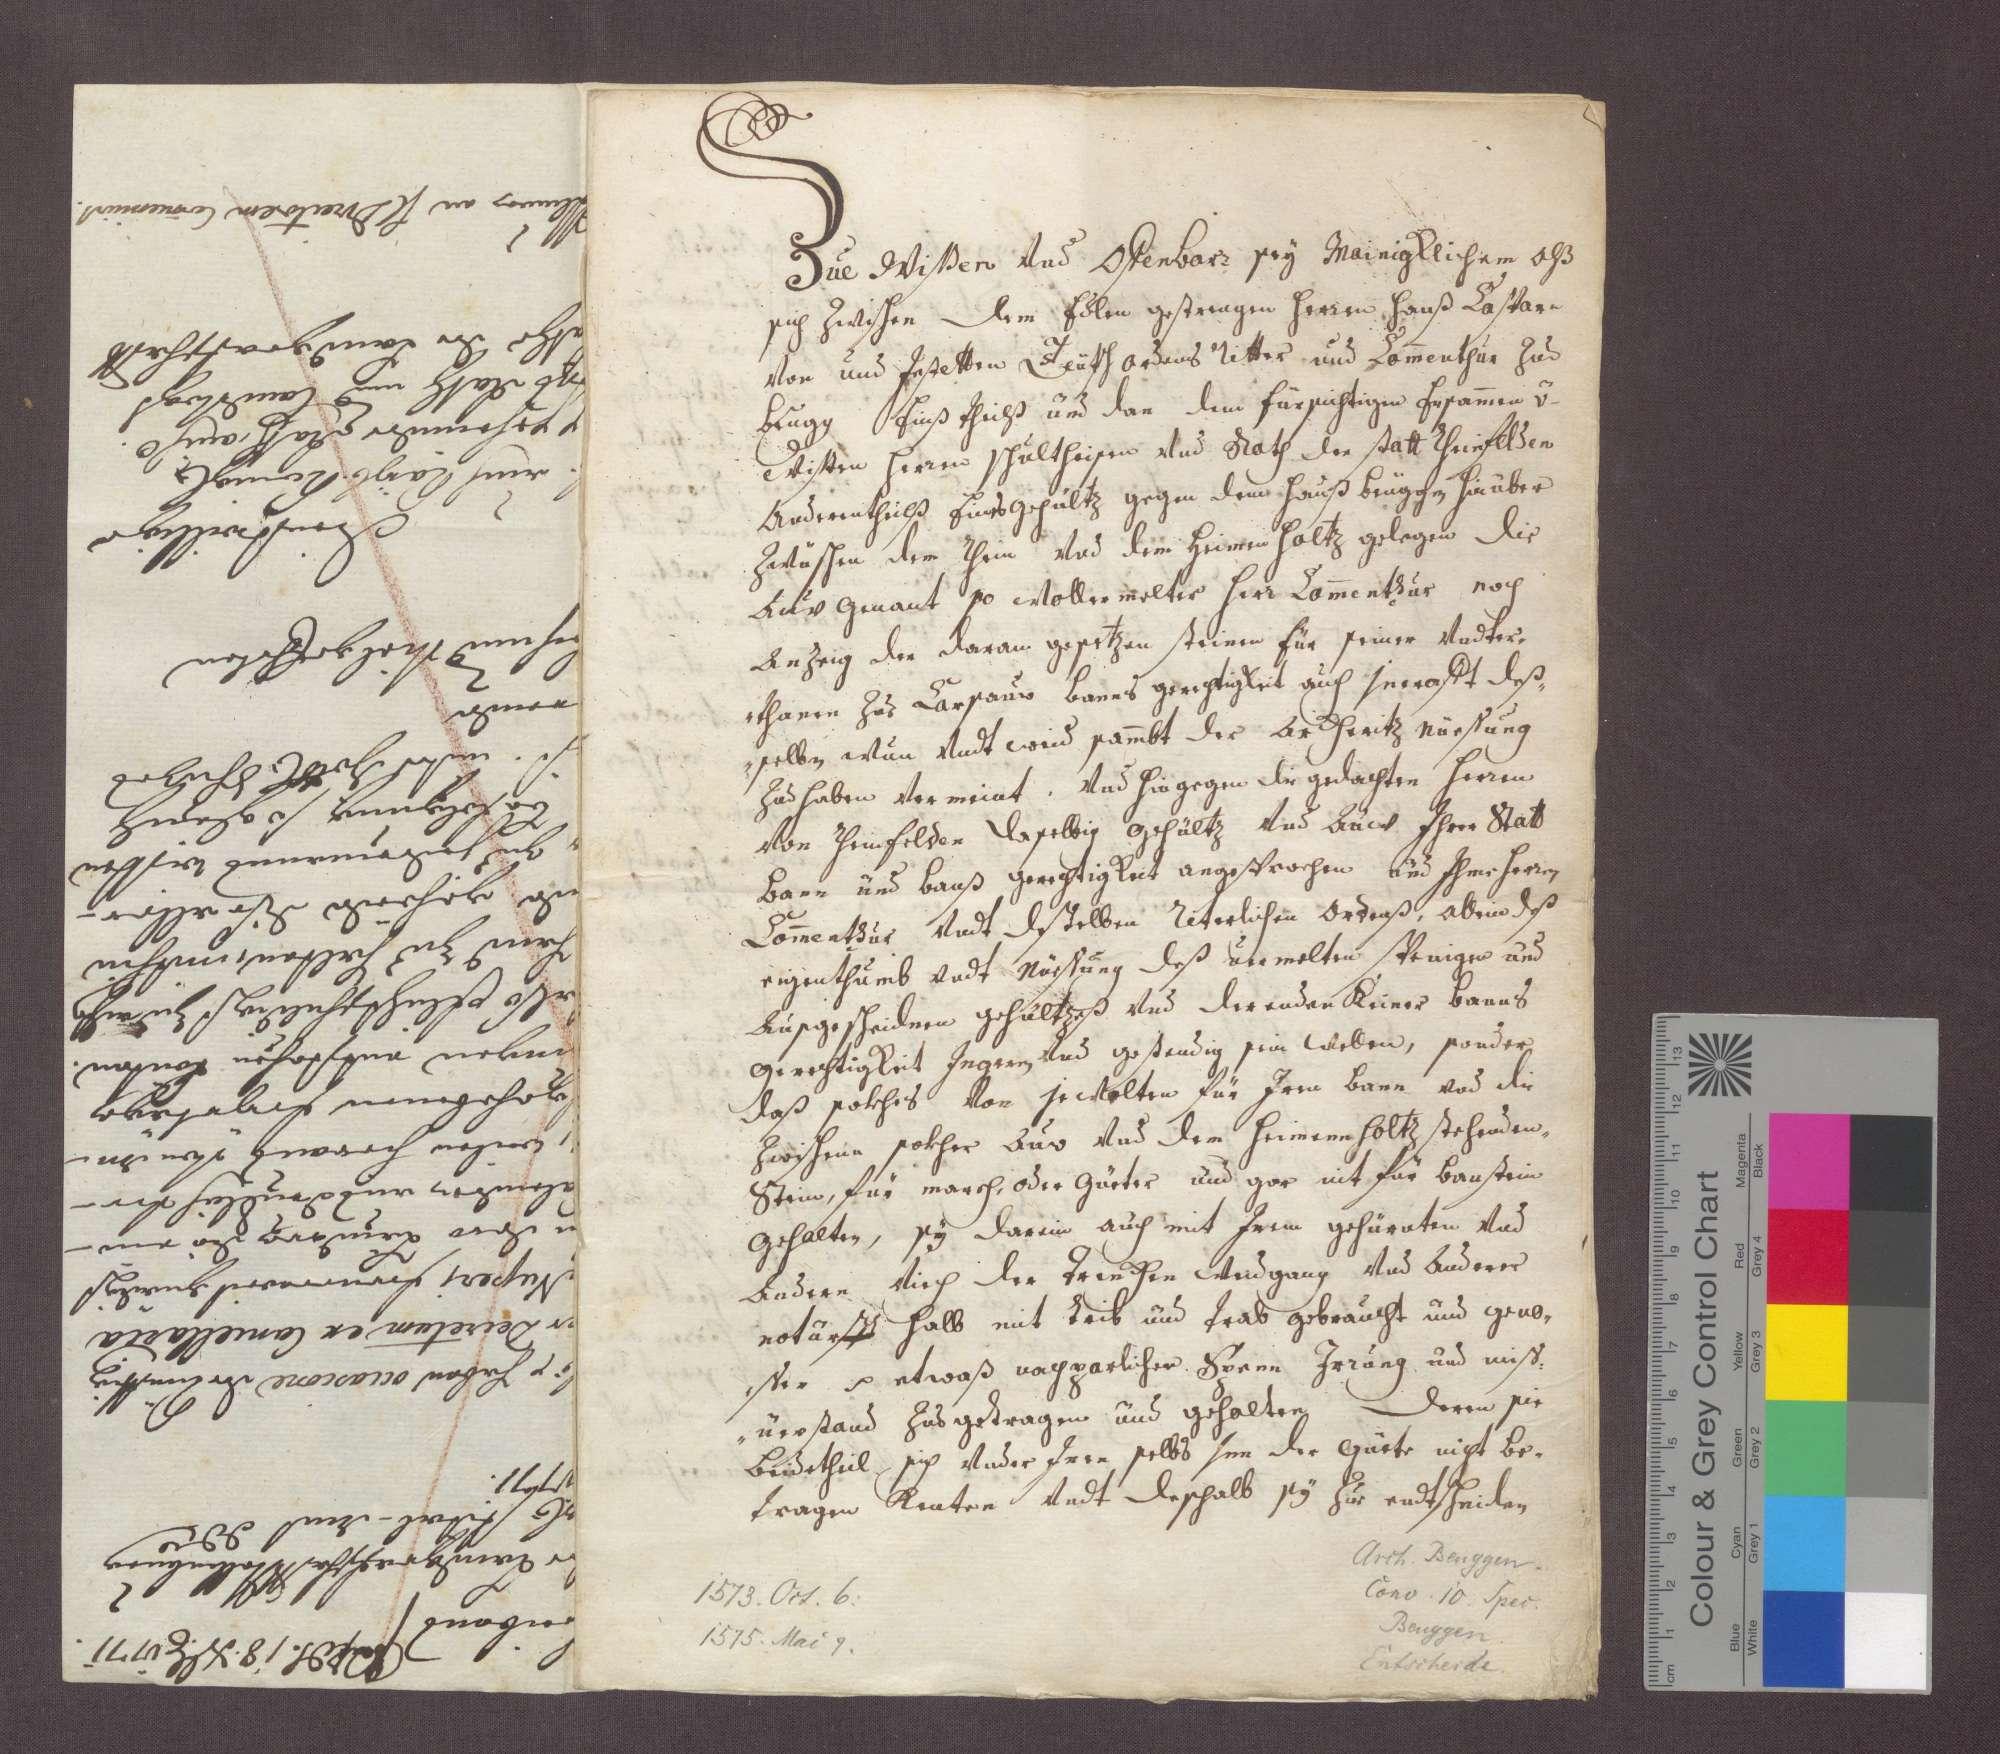 Nachtrag zur Urkunde vom 6. Oktober 1573, mit der der Komtur Hans Kaspar von und zu Jestetten zu Beuggen und Schultheiß und Rat der Stadt Rheinfelden bekennen, dass der Vertragsbrief vom 6. Oktober 1573 nur deswegen von Ludwig von Schönau, nicht besiegelt werden konnte, weil dieser kurz nach Abschluss des Vertrags getötet und ihm mit seinen Kleidern und Kleinodien auch sein Siegel geraubt wurde; der Vertrag soll aber gleichwohl gültig sein., Bild 1